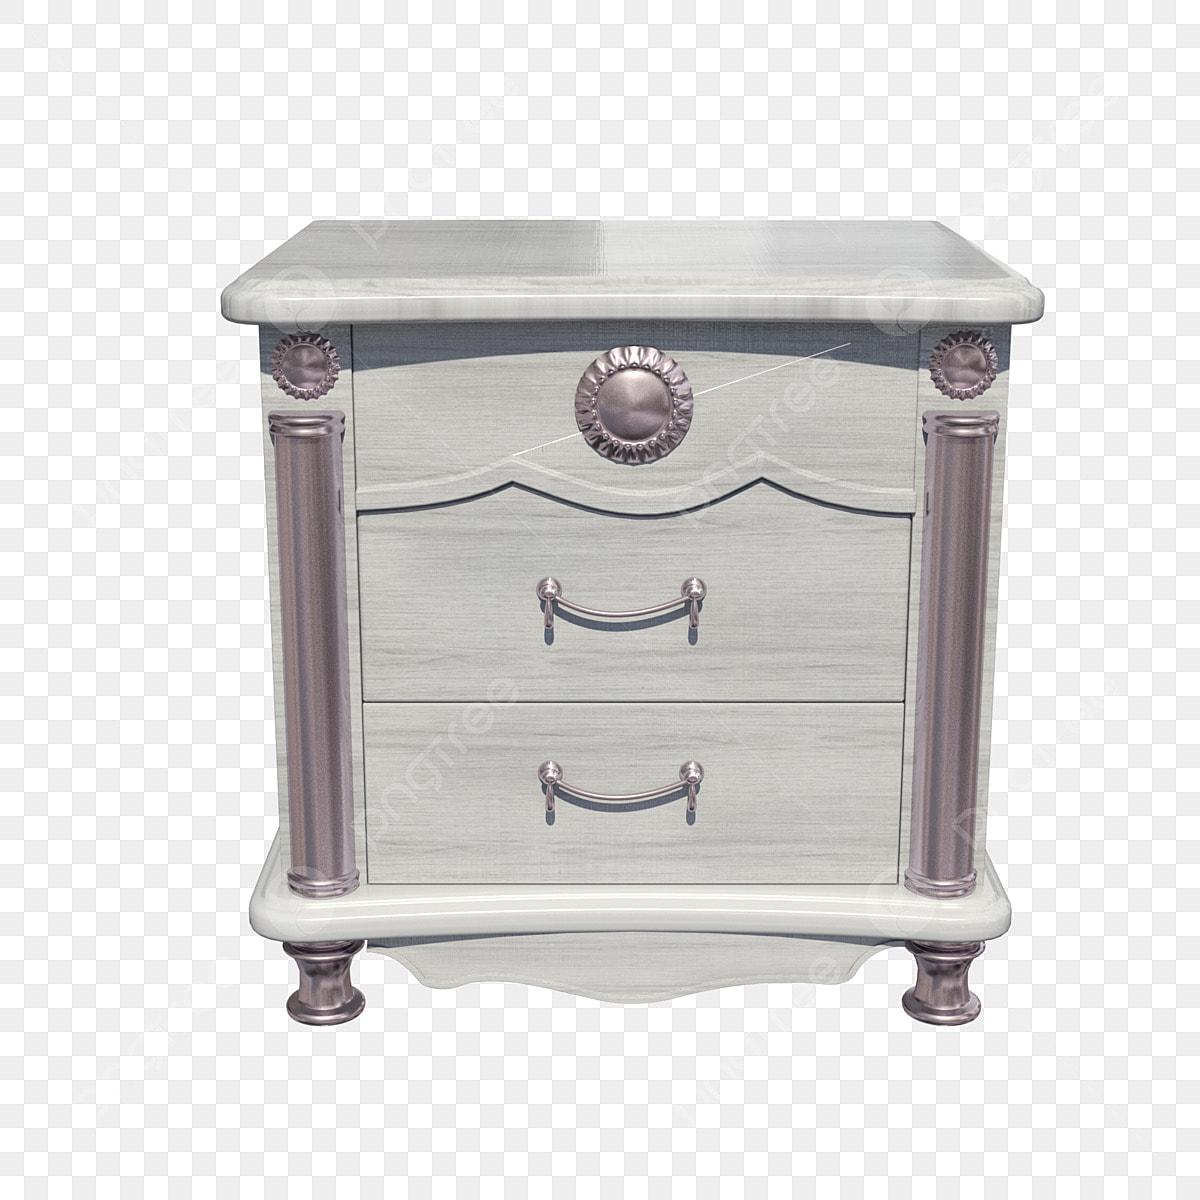 Meubles De Maison Table De Chevet Europeenne Moderne Table De